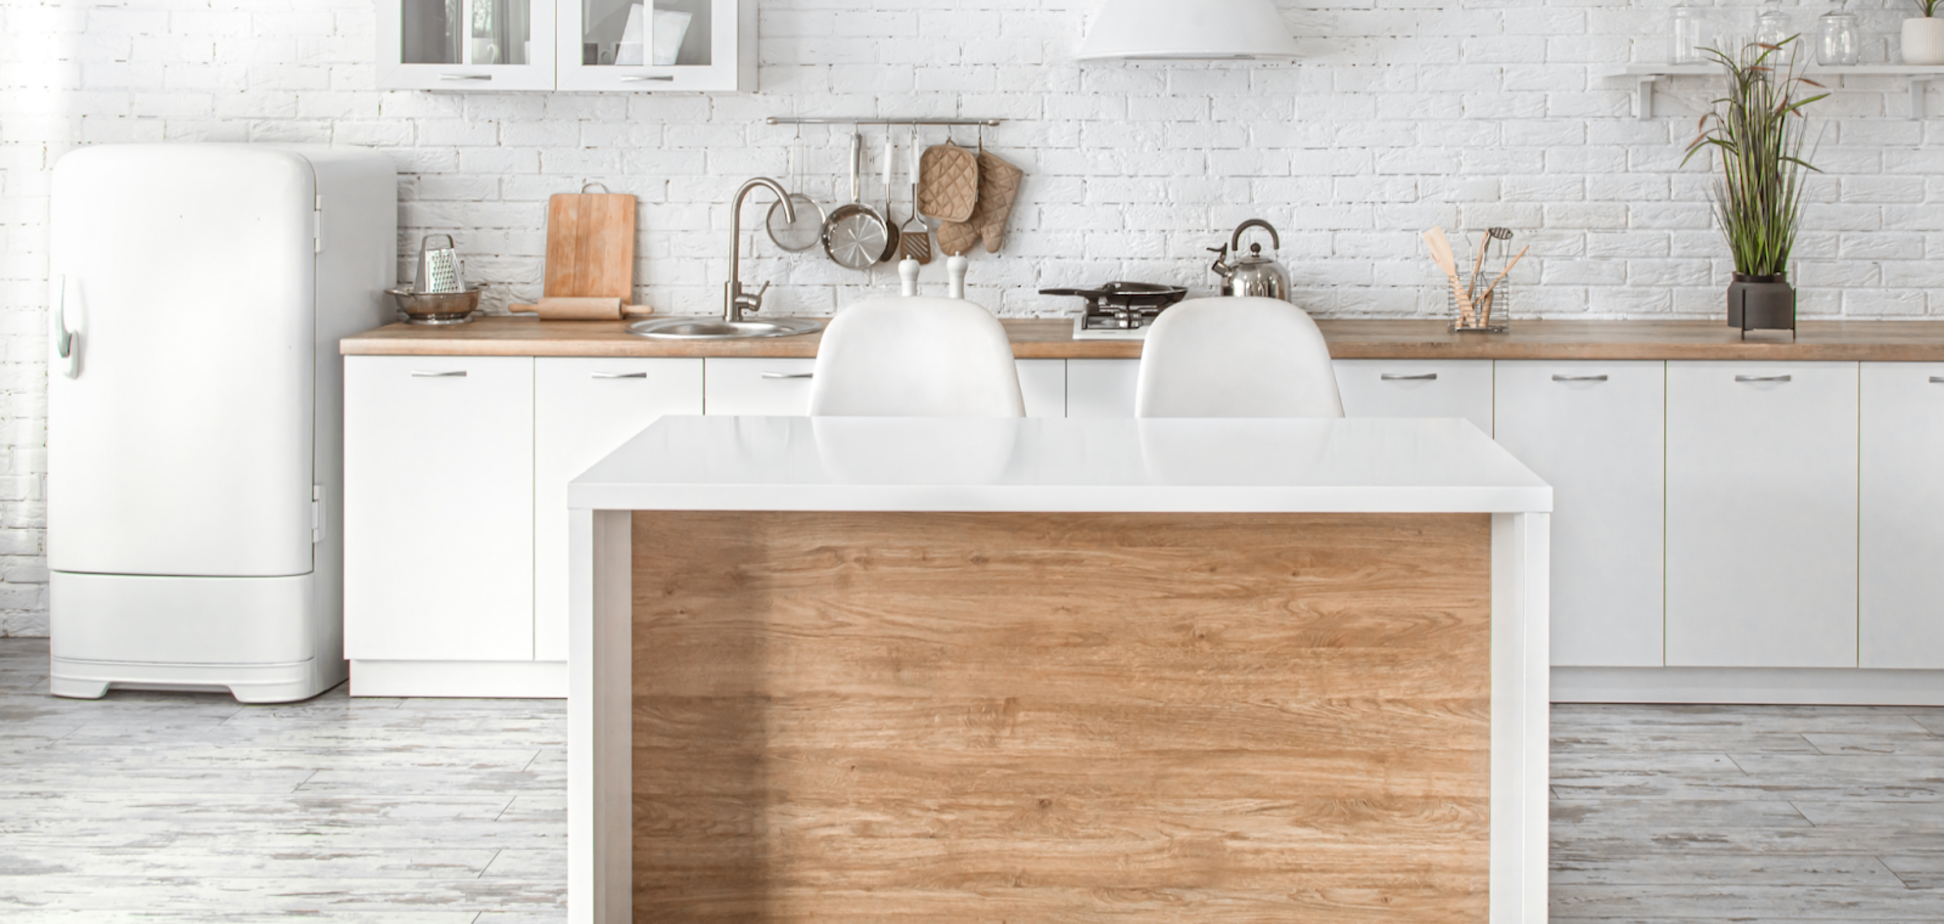 Кухни на заказ: какие современные решения выбрать